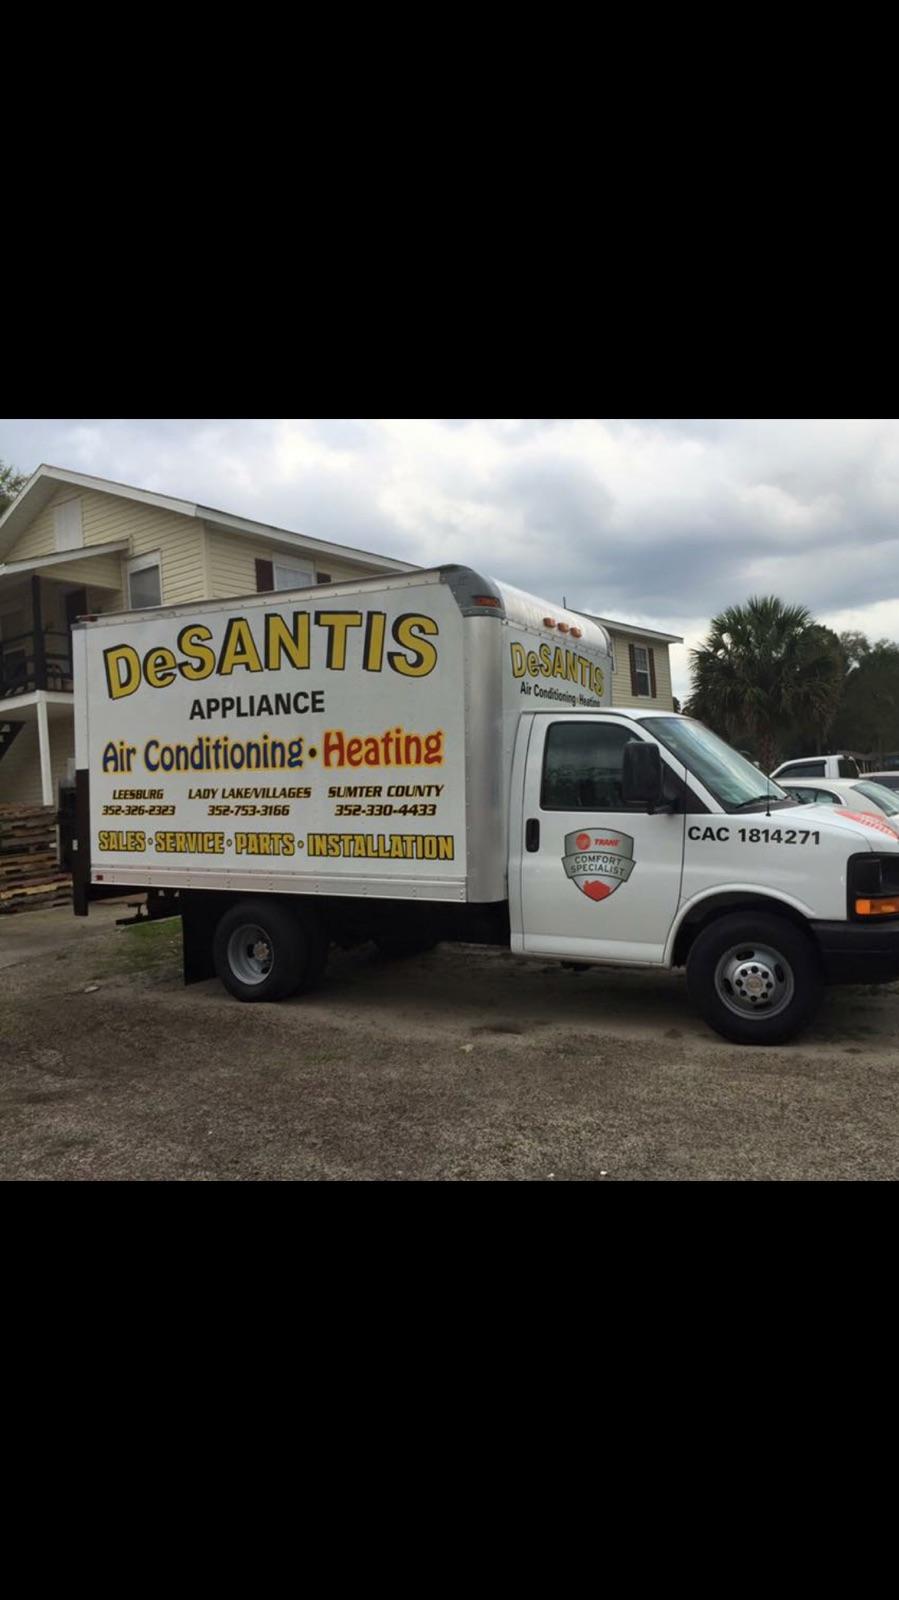 DeSantis Appliance & AC Service Inc